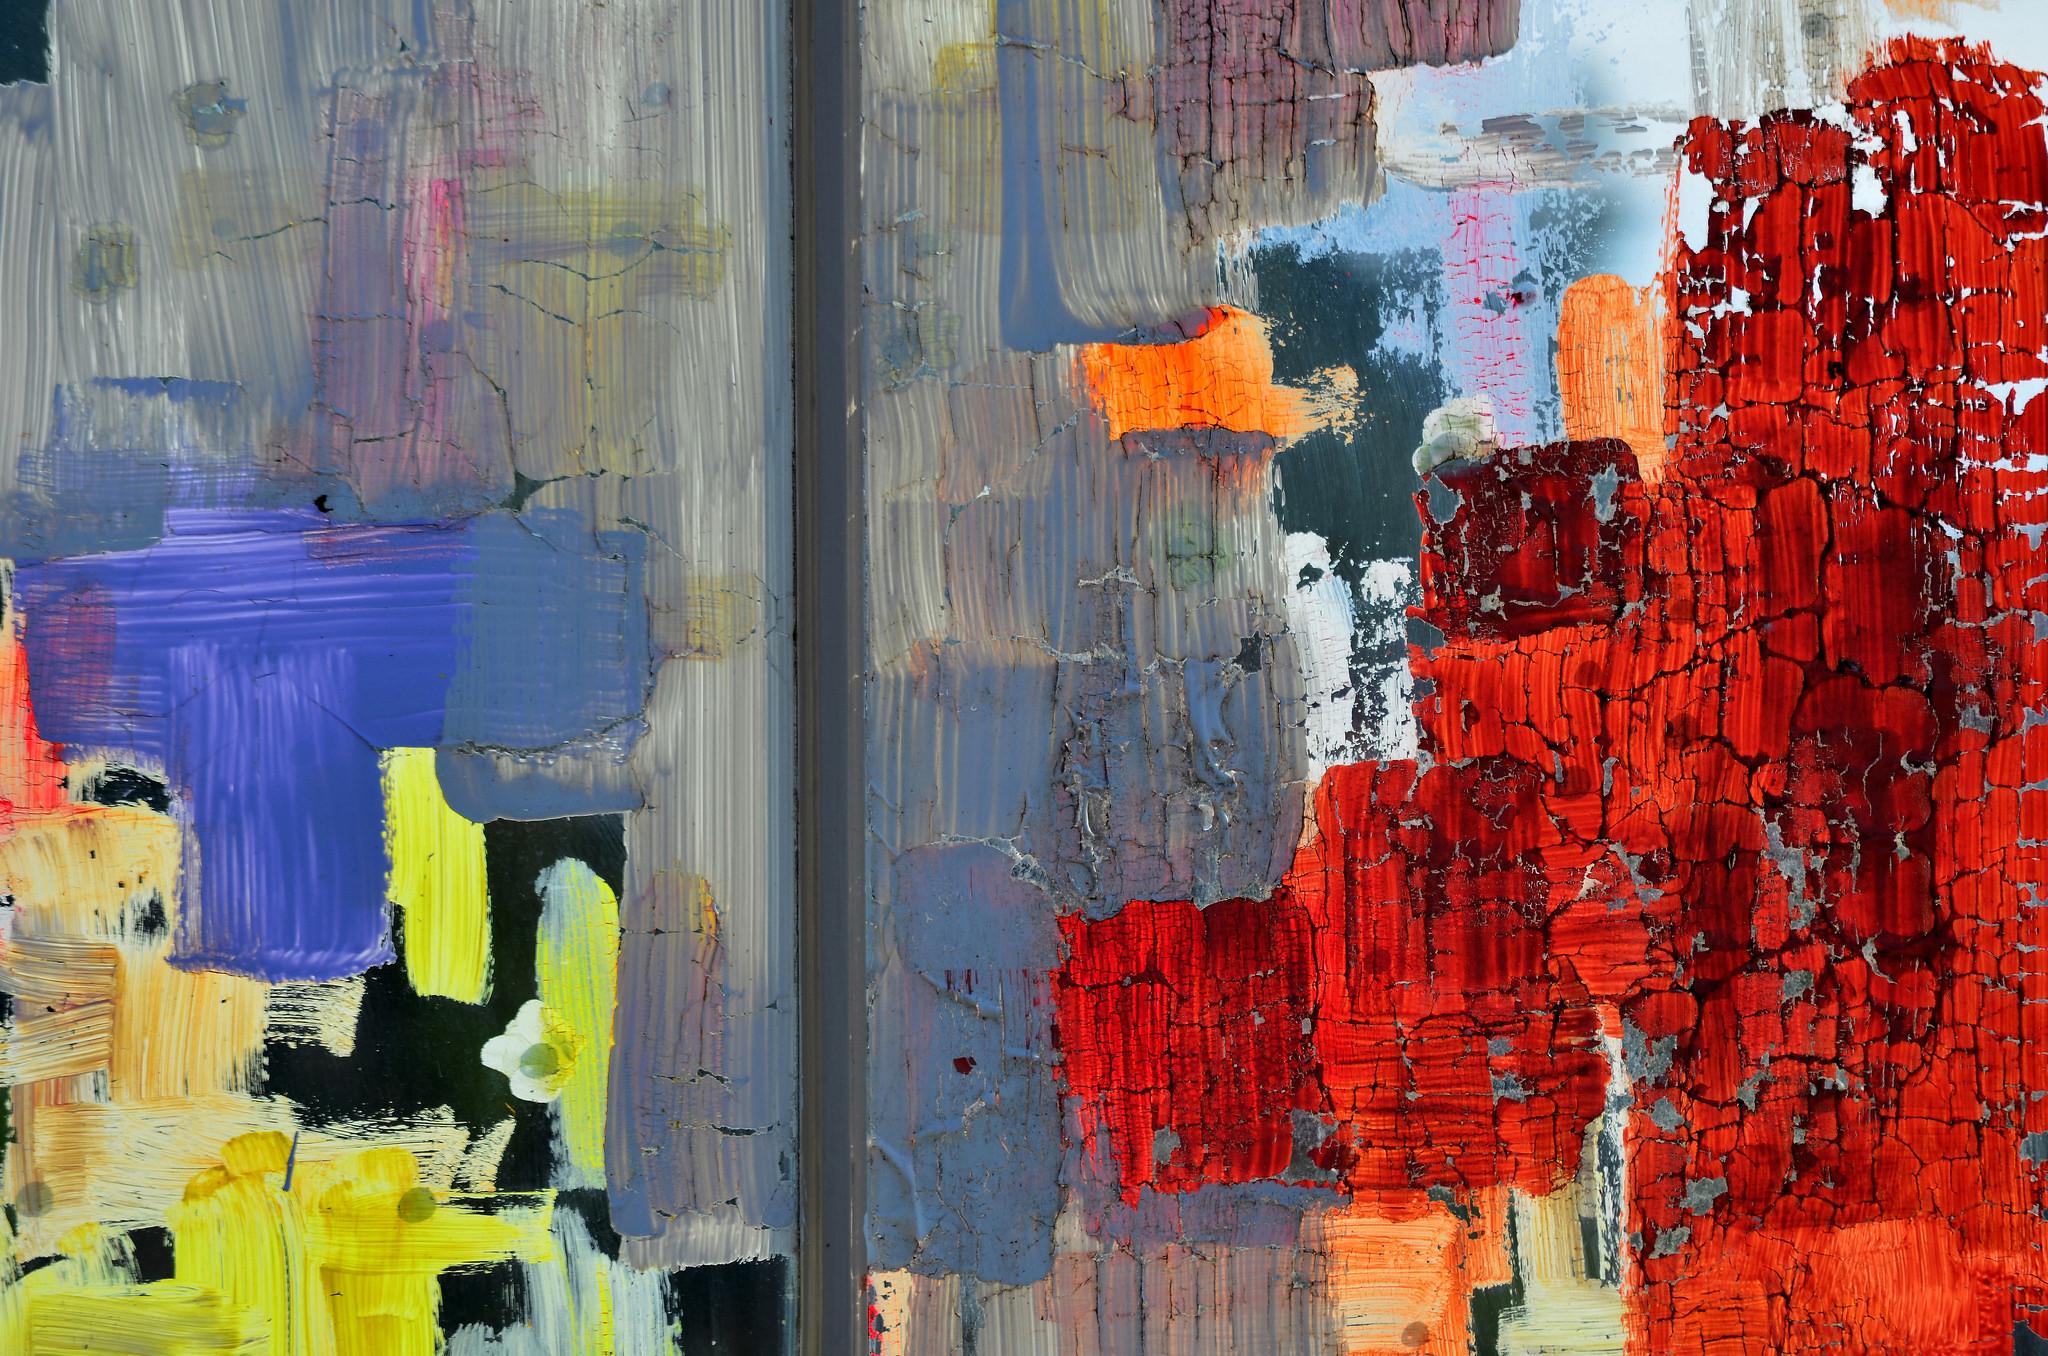 92982 Hintergrundbild herunterladen Abstrakt, Farben, Flecken, Spots - Bildschirmschoner und Bilder kostenlos